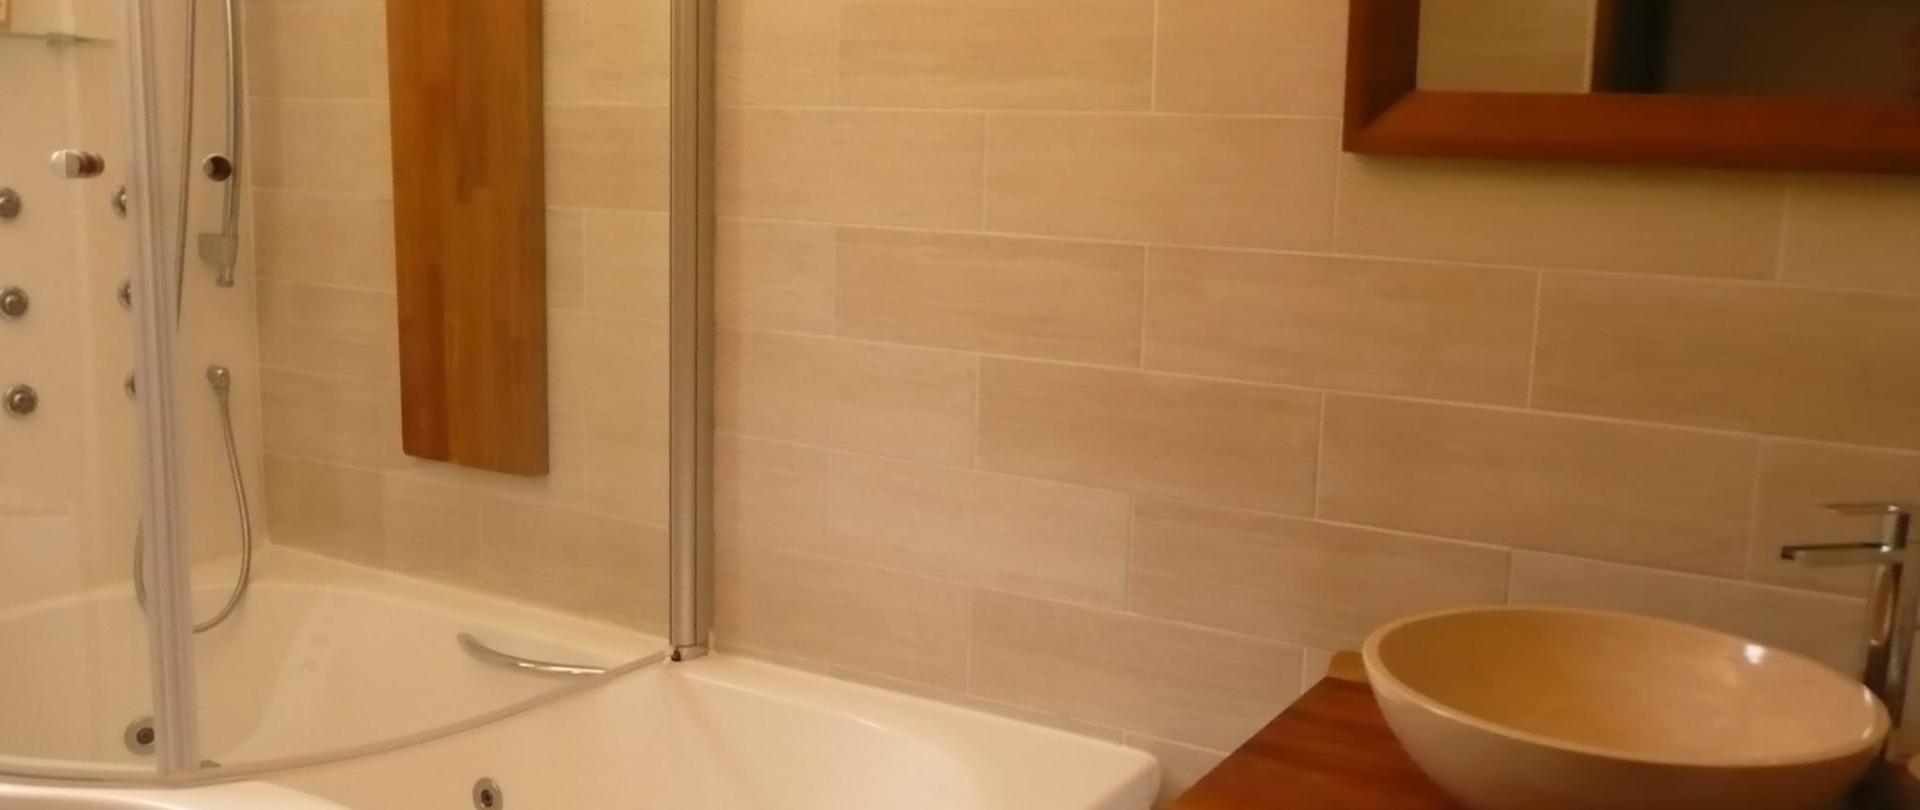 Badezimmer Badewanne Dusche Balneo Zimmer Europa und Ste Vitoire1 (2017_07_19 14_54_03 UTC) .JPG